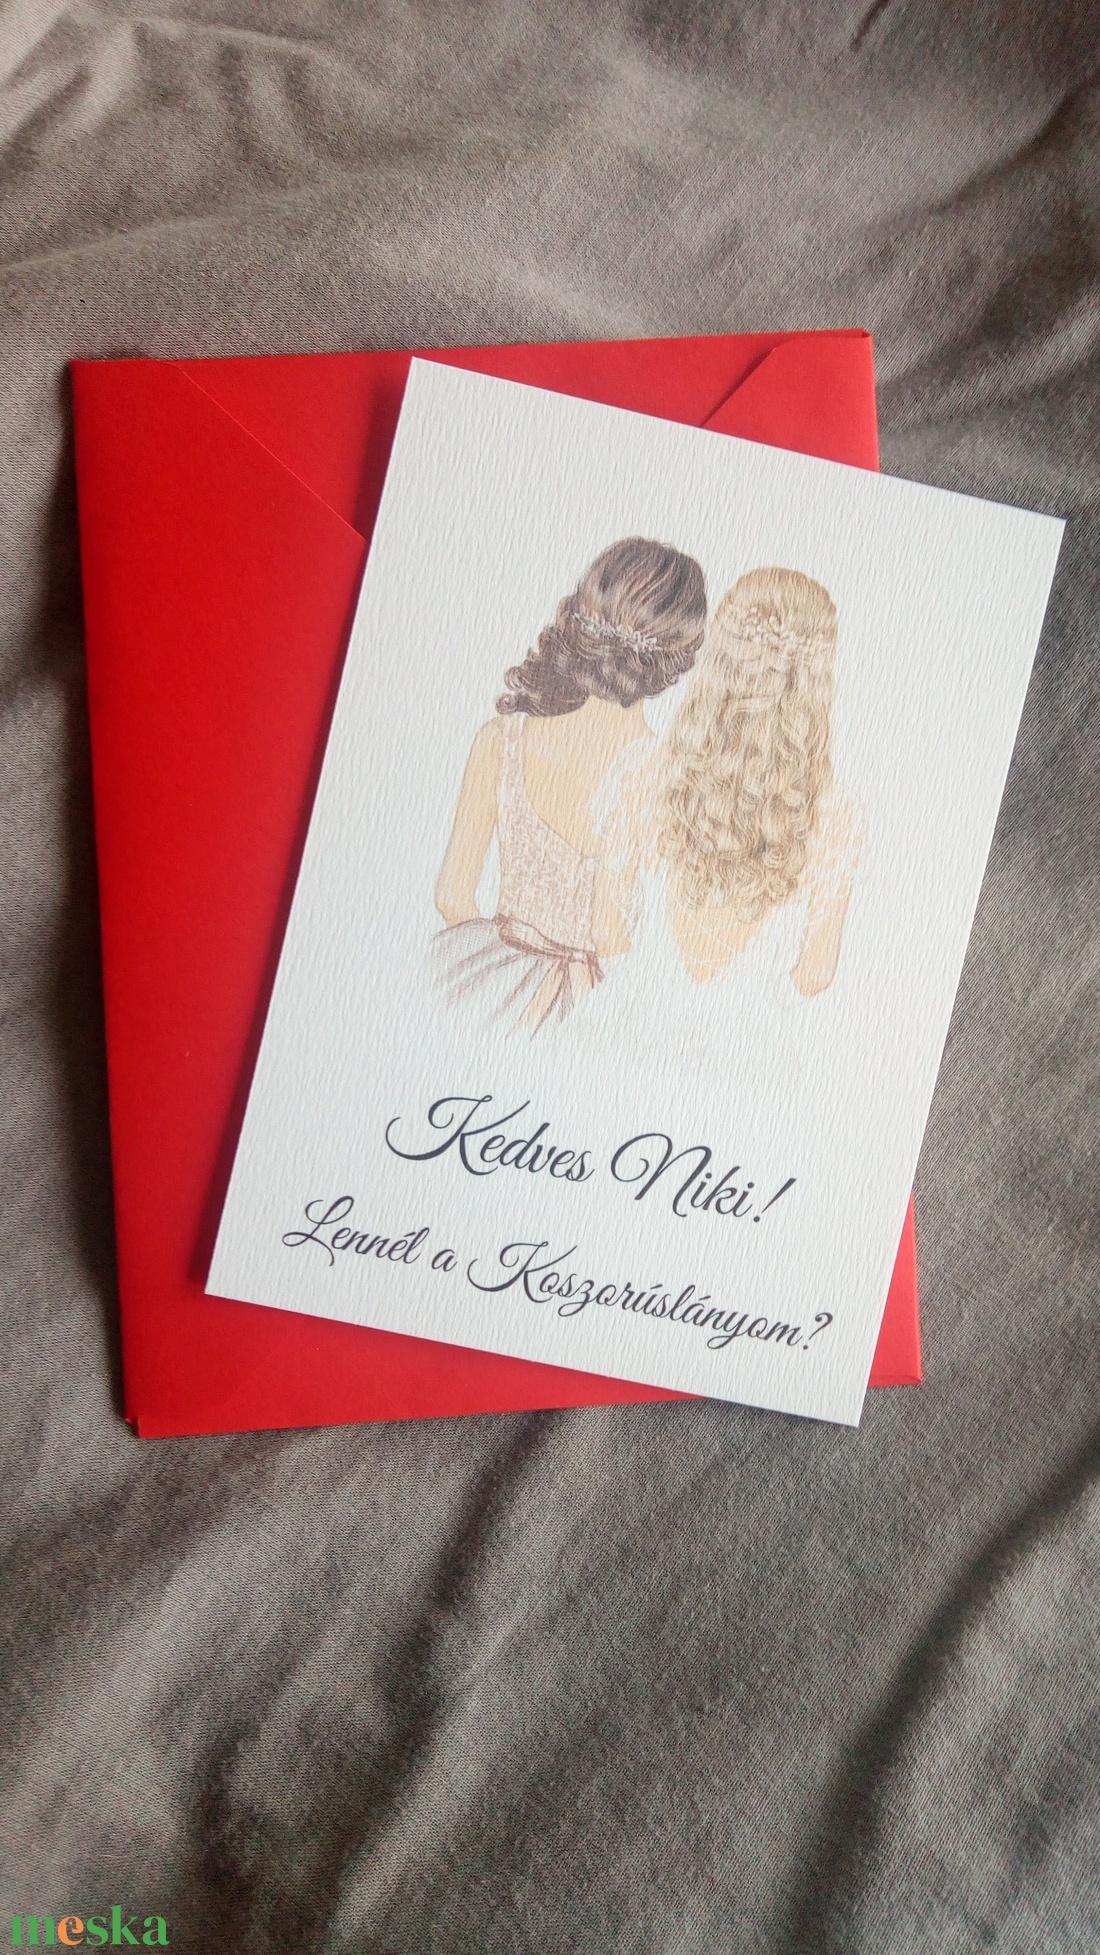 Rajzolt koszorúslány-felkérő kártya borítékkal, tanúfelkérő, esküvőre - esküvő - meghívó & kártya - meghívó - Meska.hu